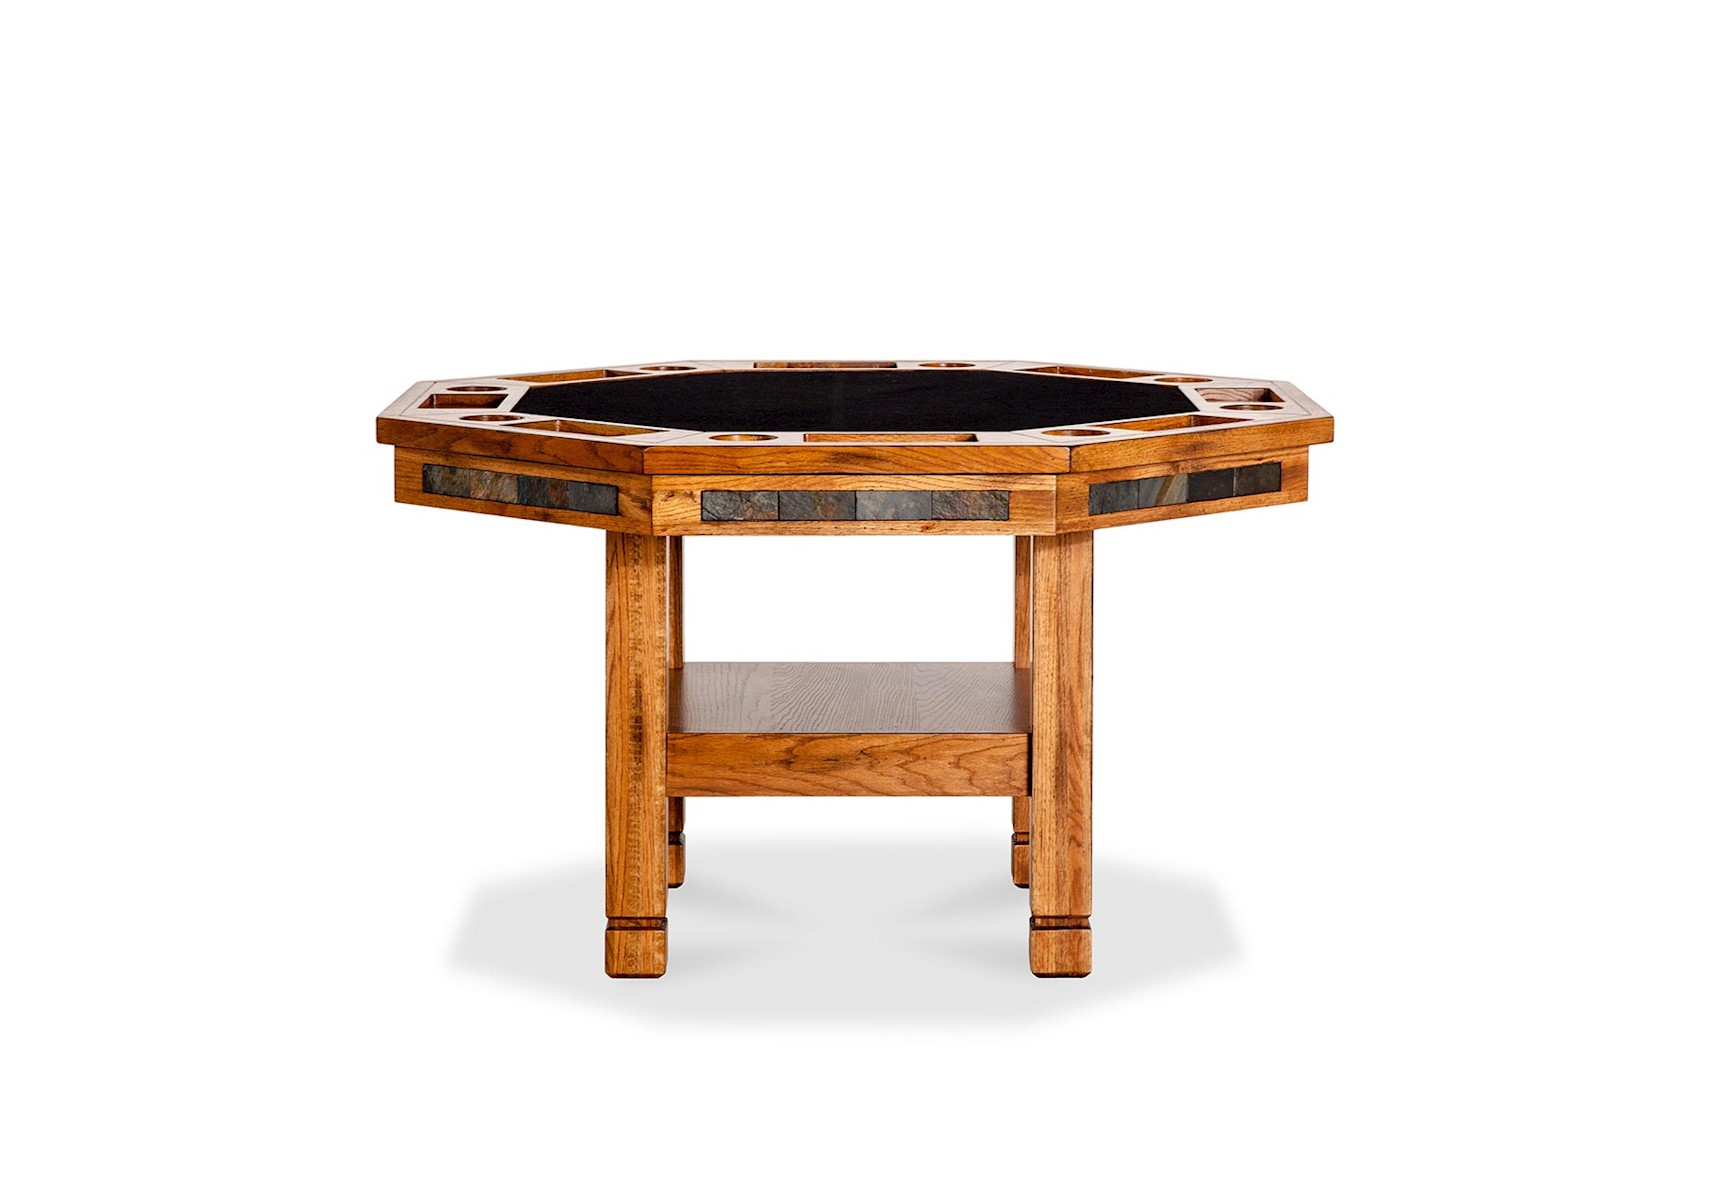 Santa Fe Convertible Game Table Rustic Brown